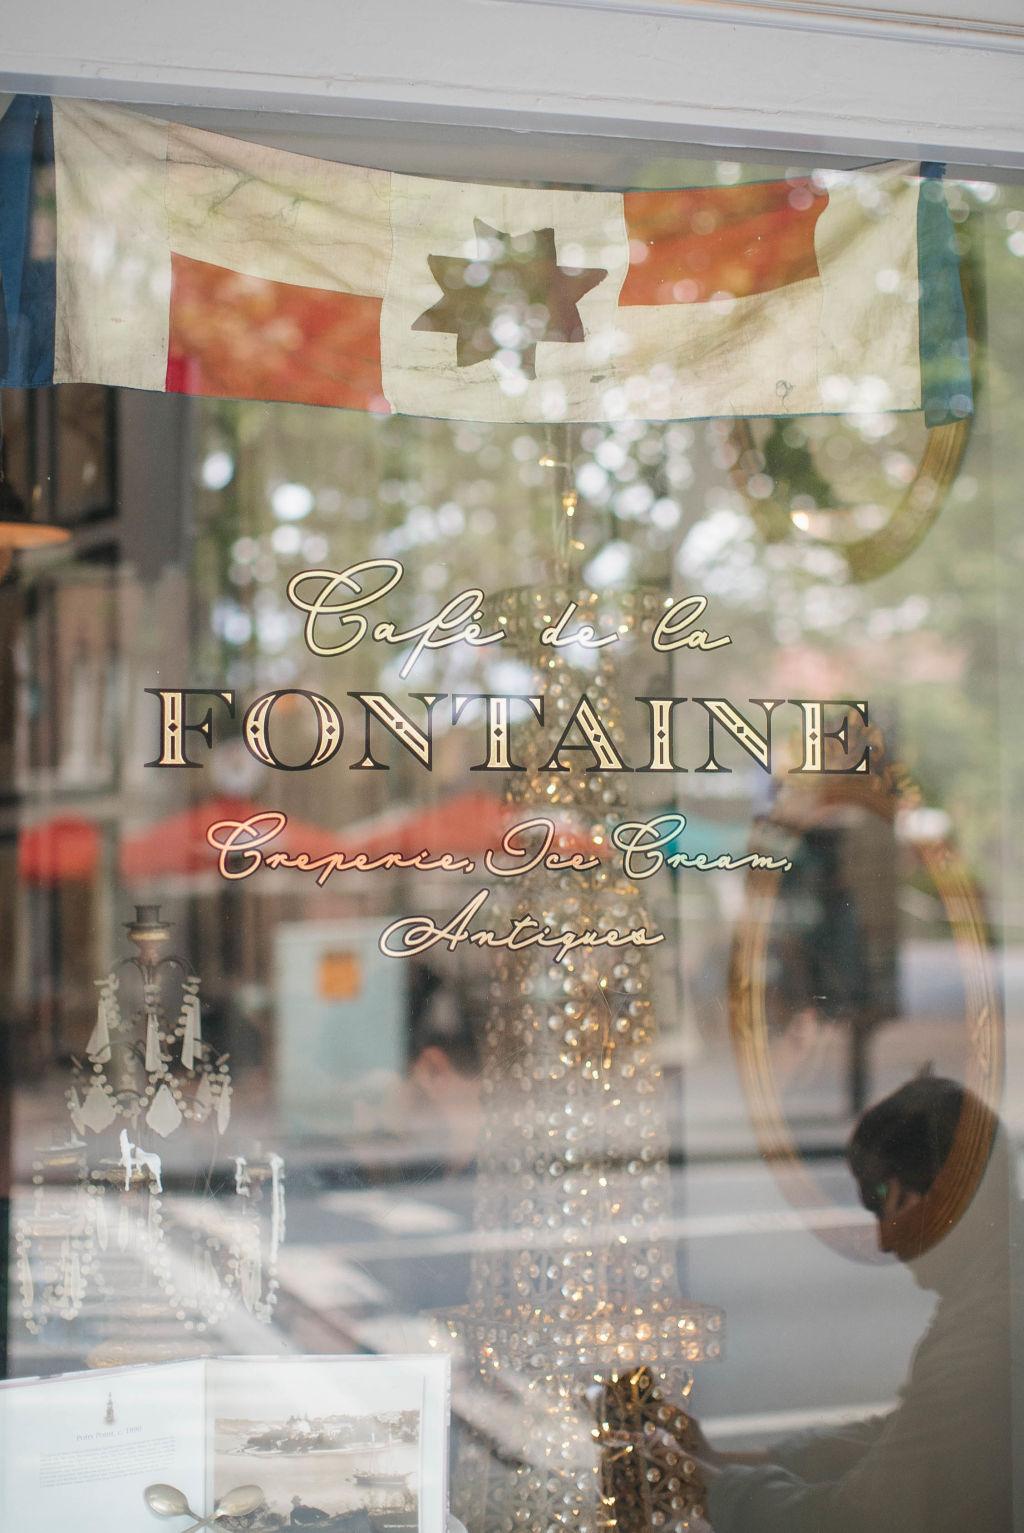 Cafe_de_la_Fontaine_1_uanrlp